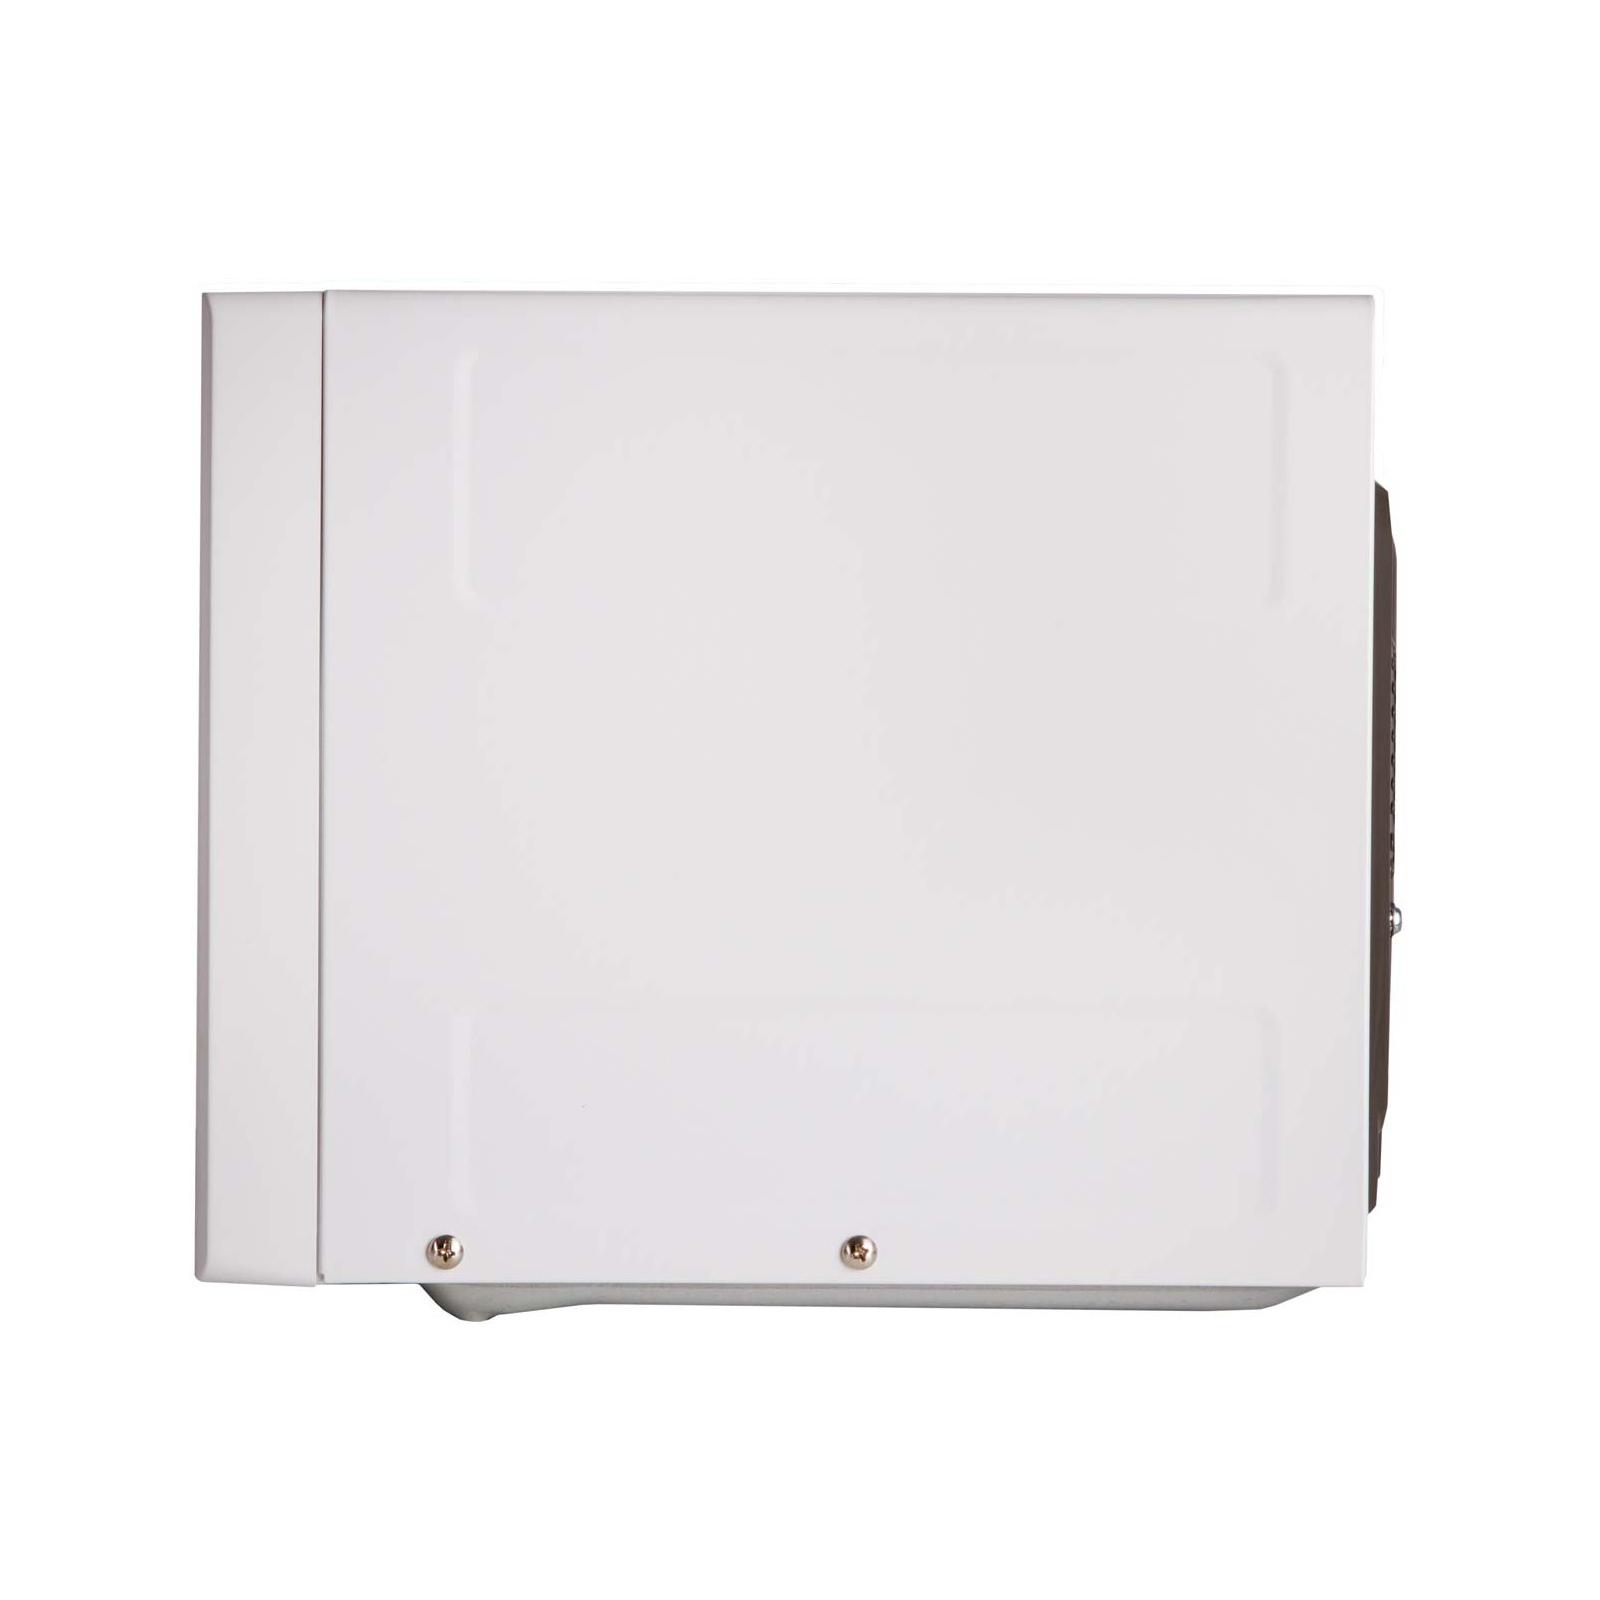 Микроволновая печь LG MS2043DAC изображение 3